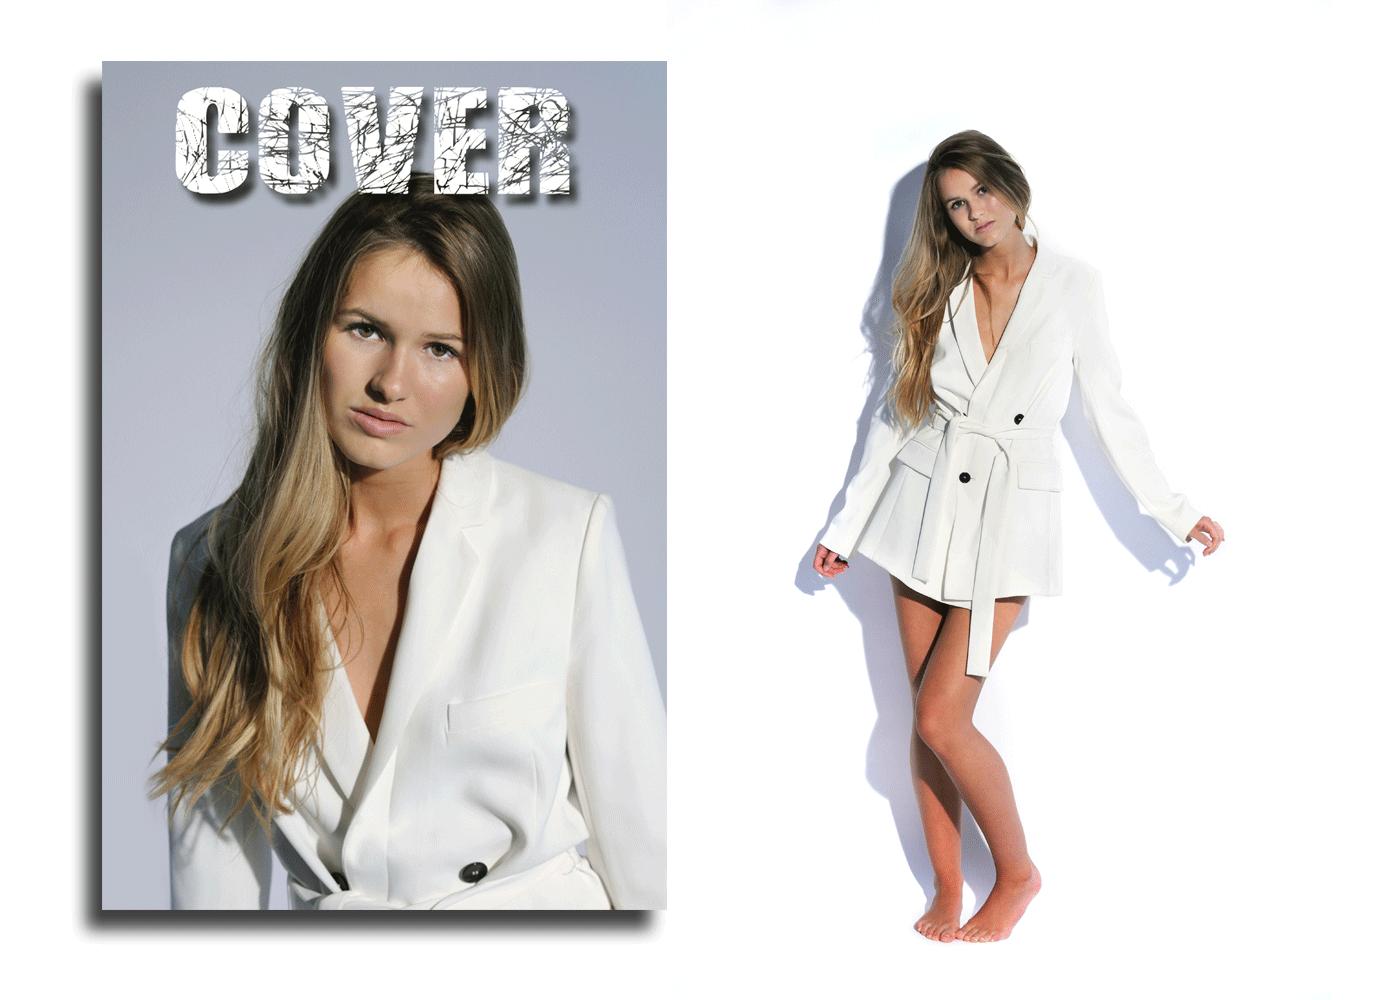 Modelfoto til magasiner